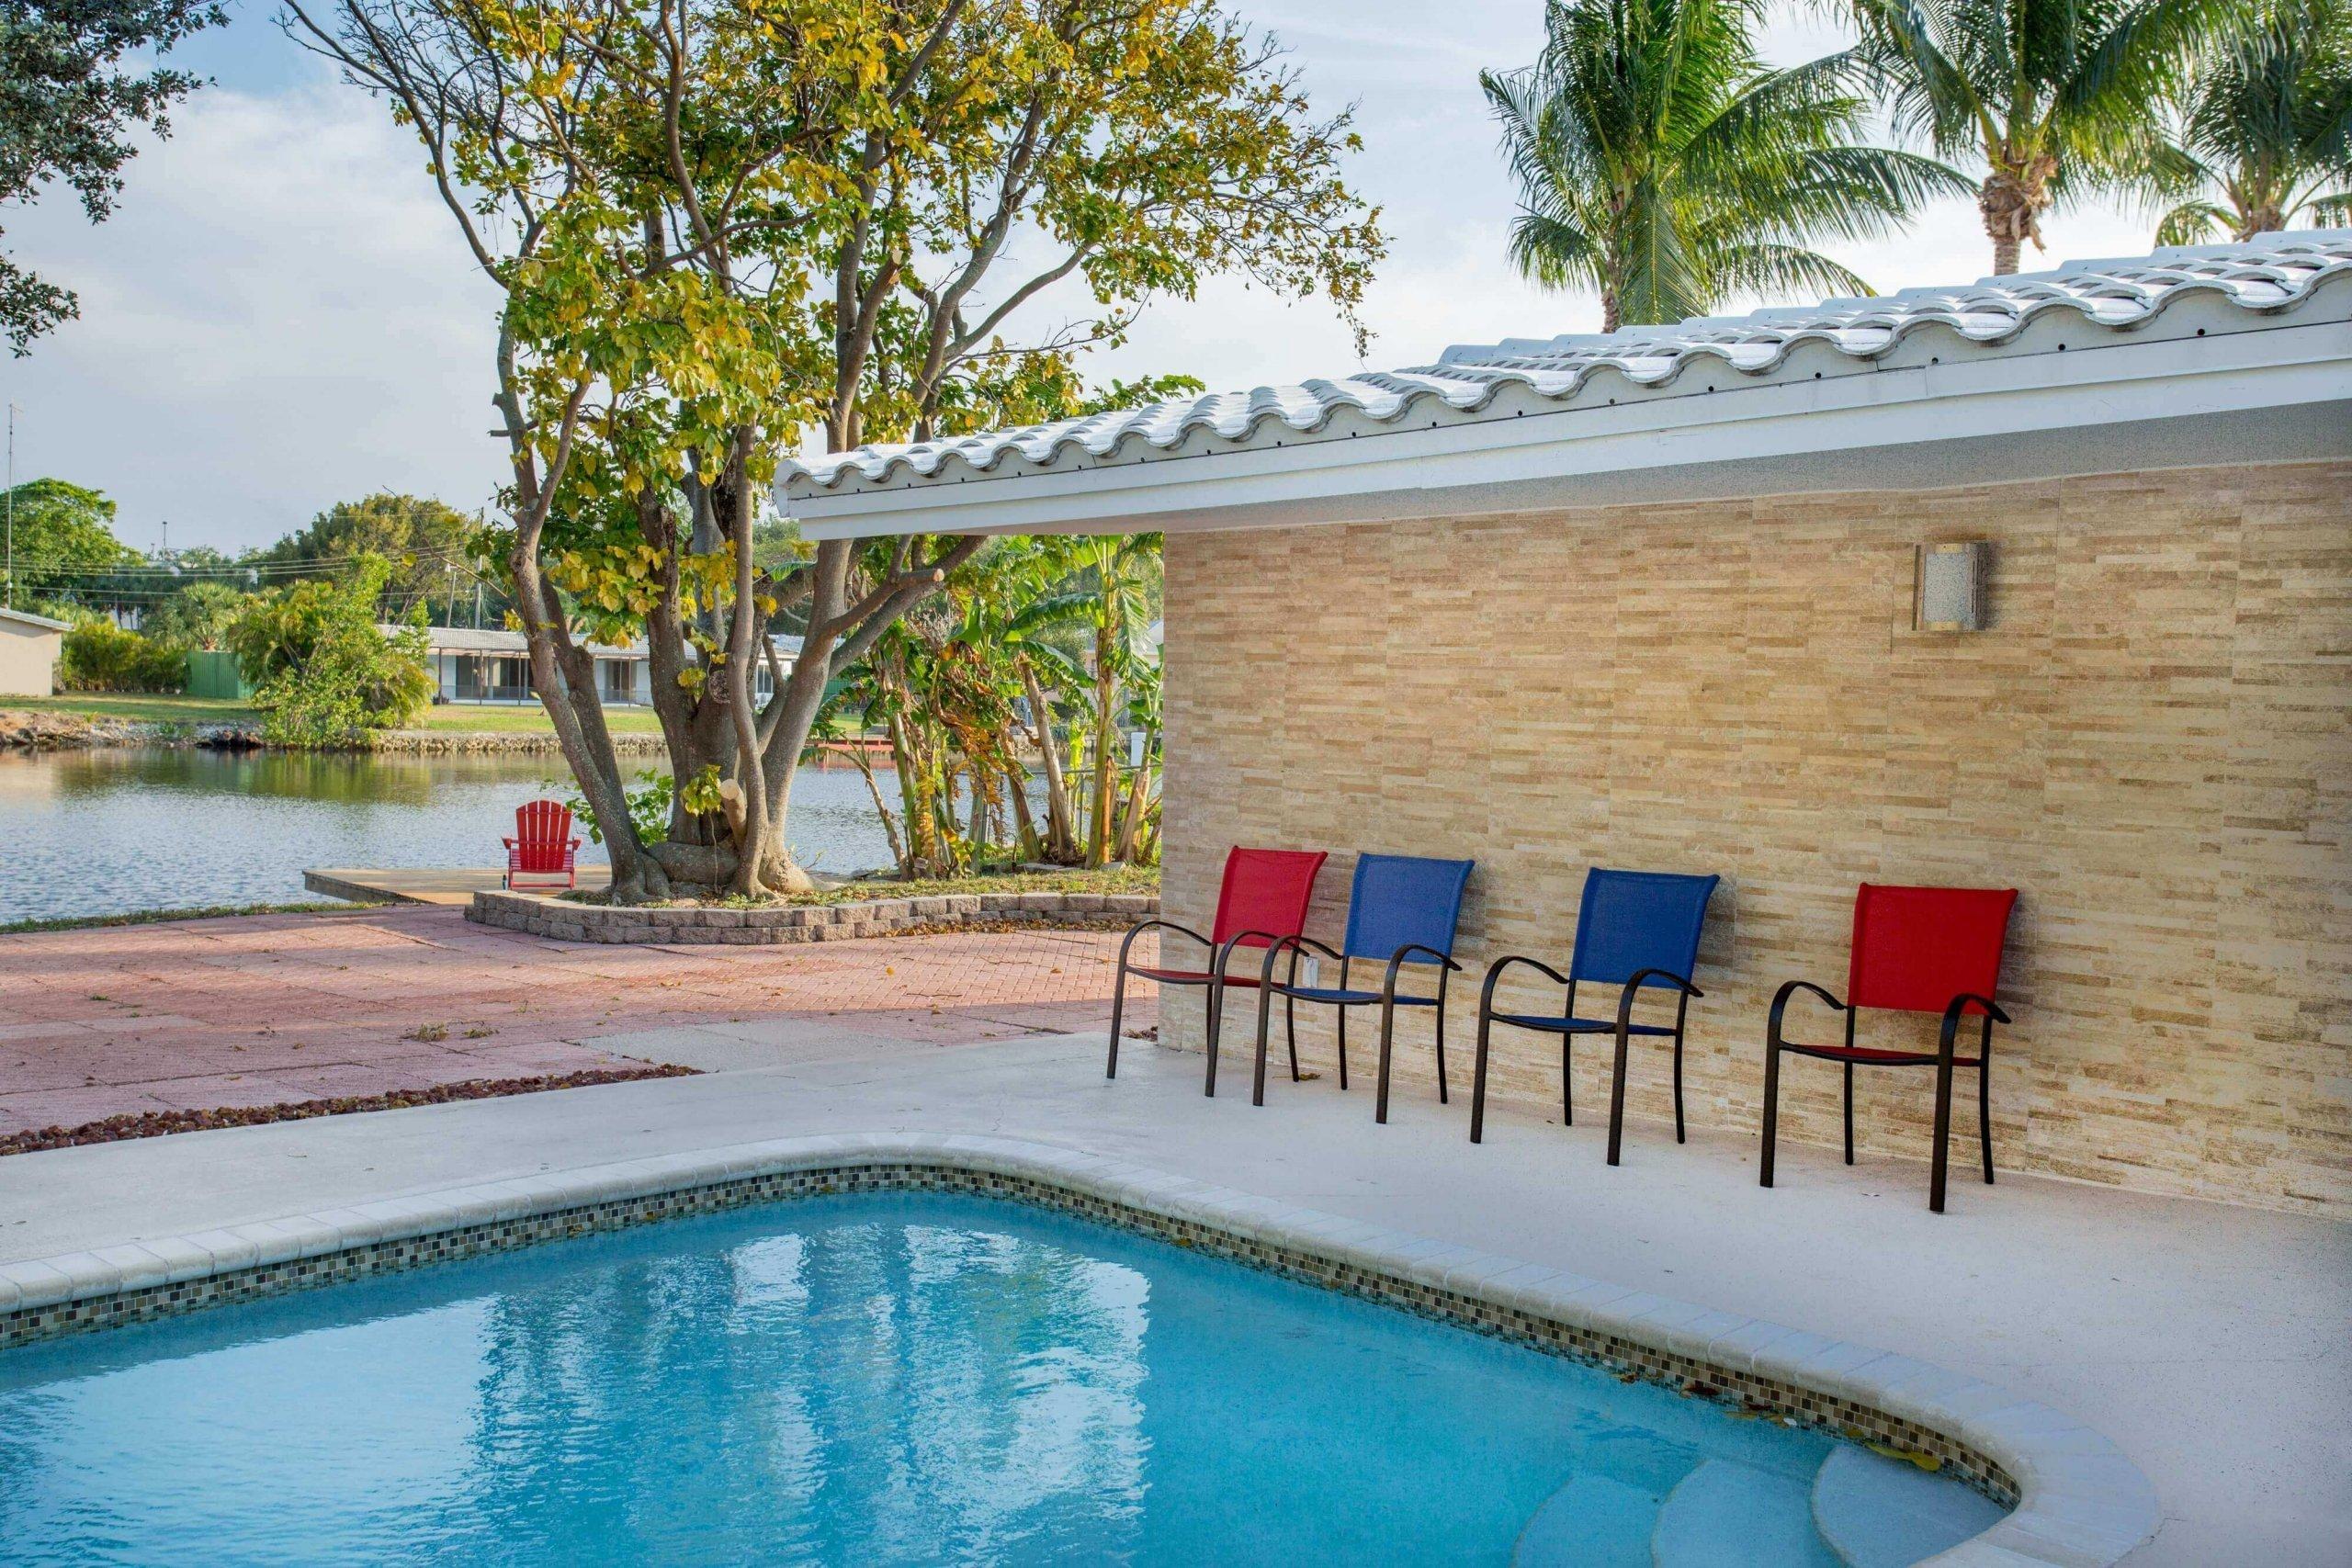 piscine exterieur d'une maison de vacances en floride